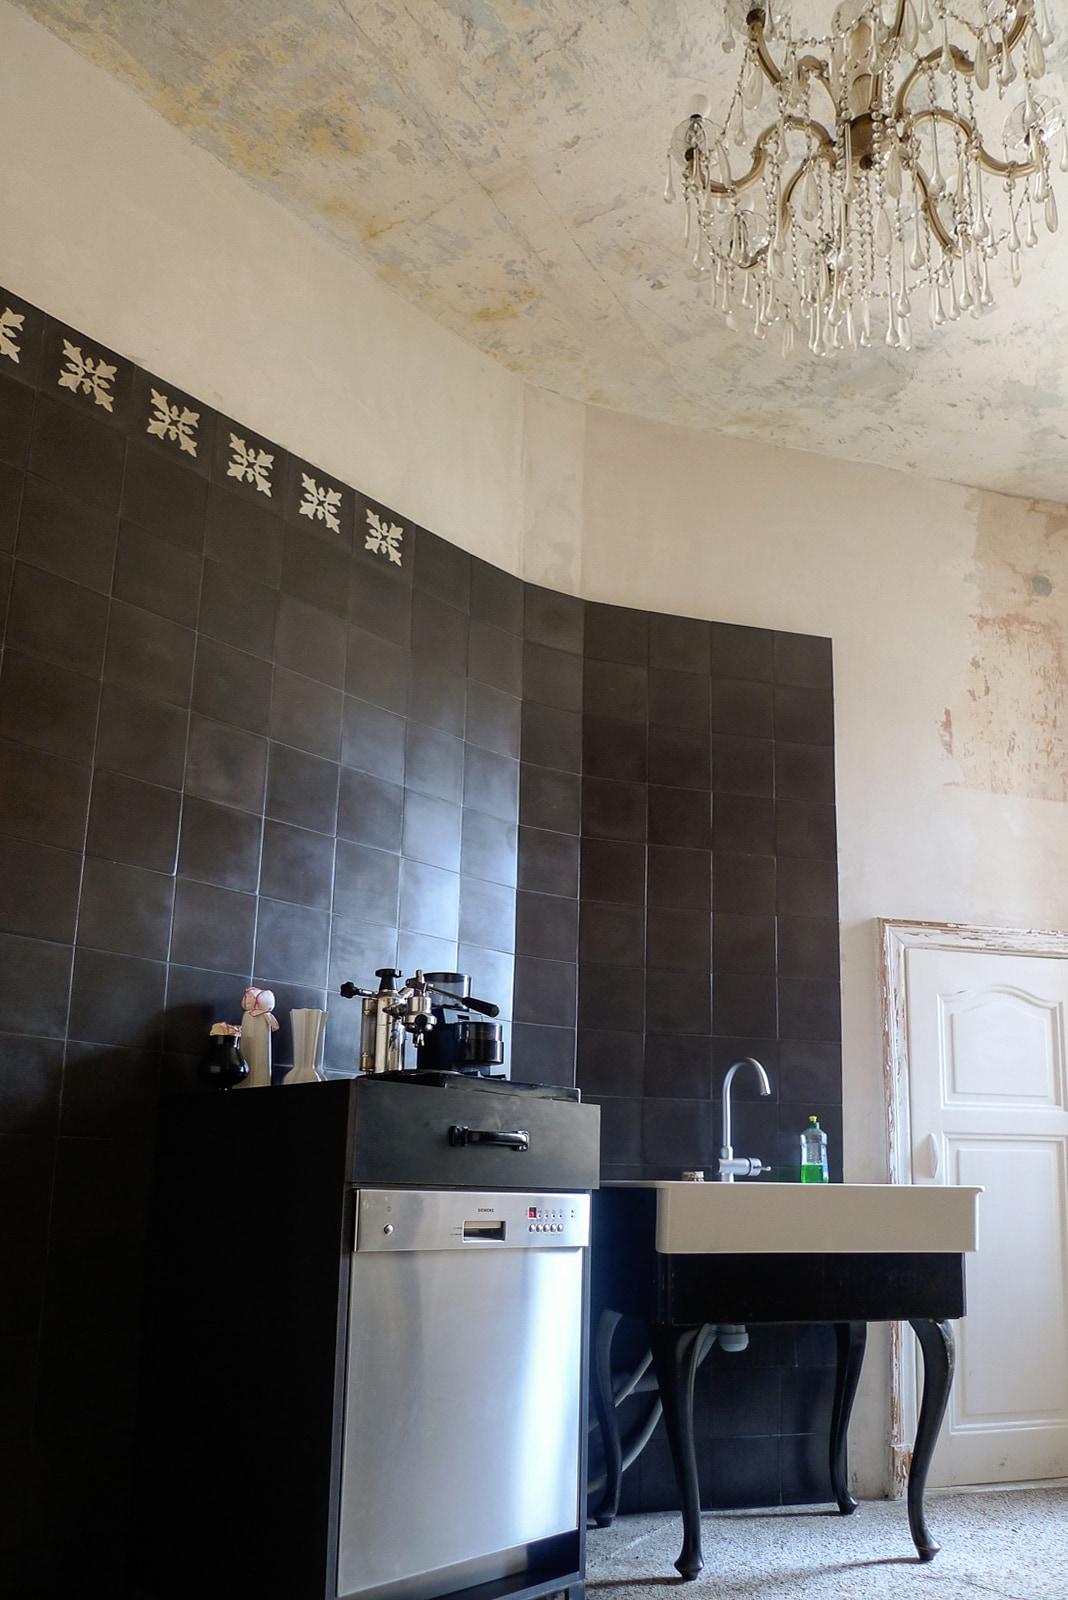 zementfliesen-VIA Zementmosaikplatten-nr.10960-kueche-02-viaplatten | 10960